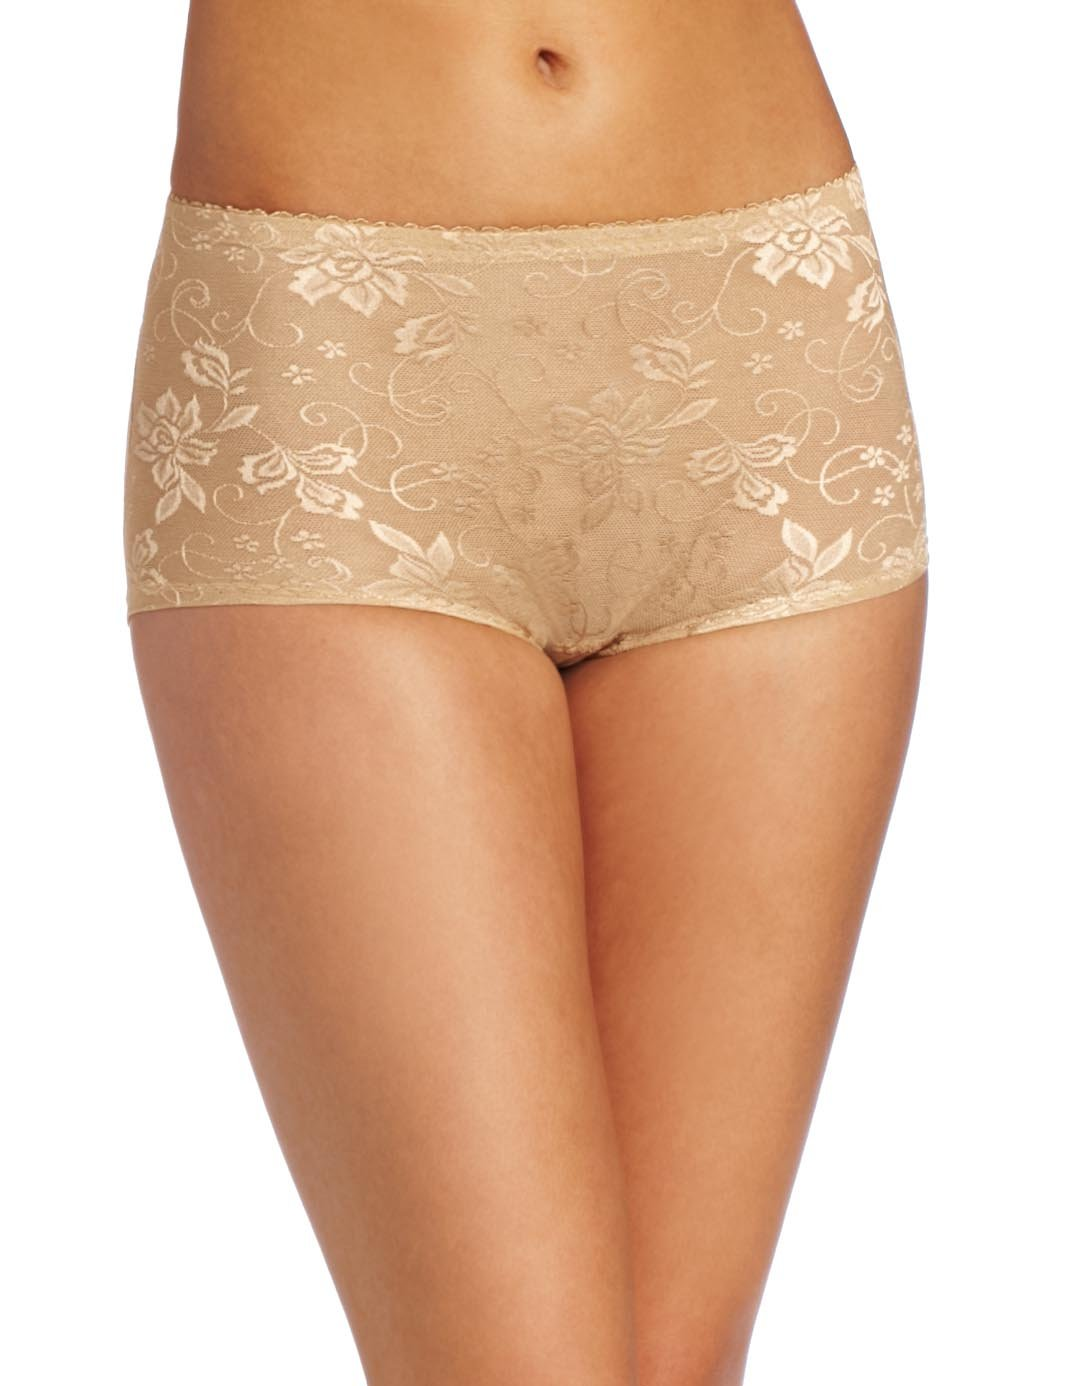 ffbf8f2478520 Best Rated in Women s Shapewear   Helpful Customer Reviews - Amazon.com